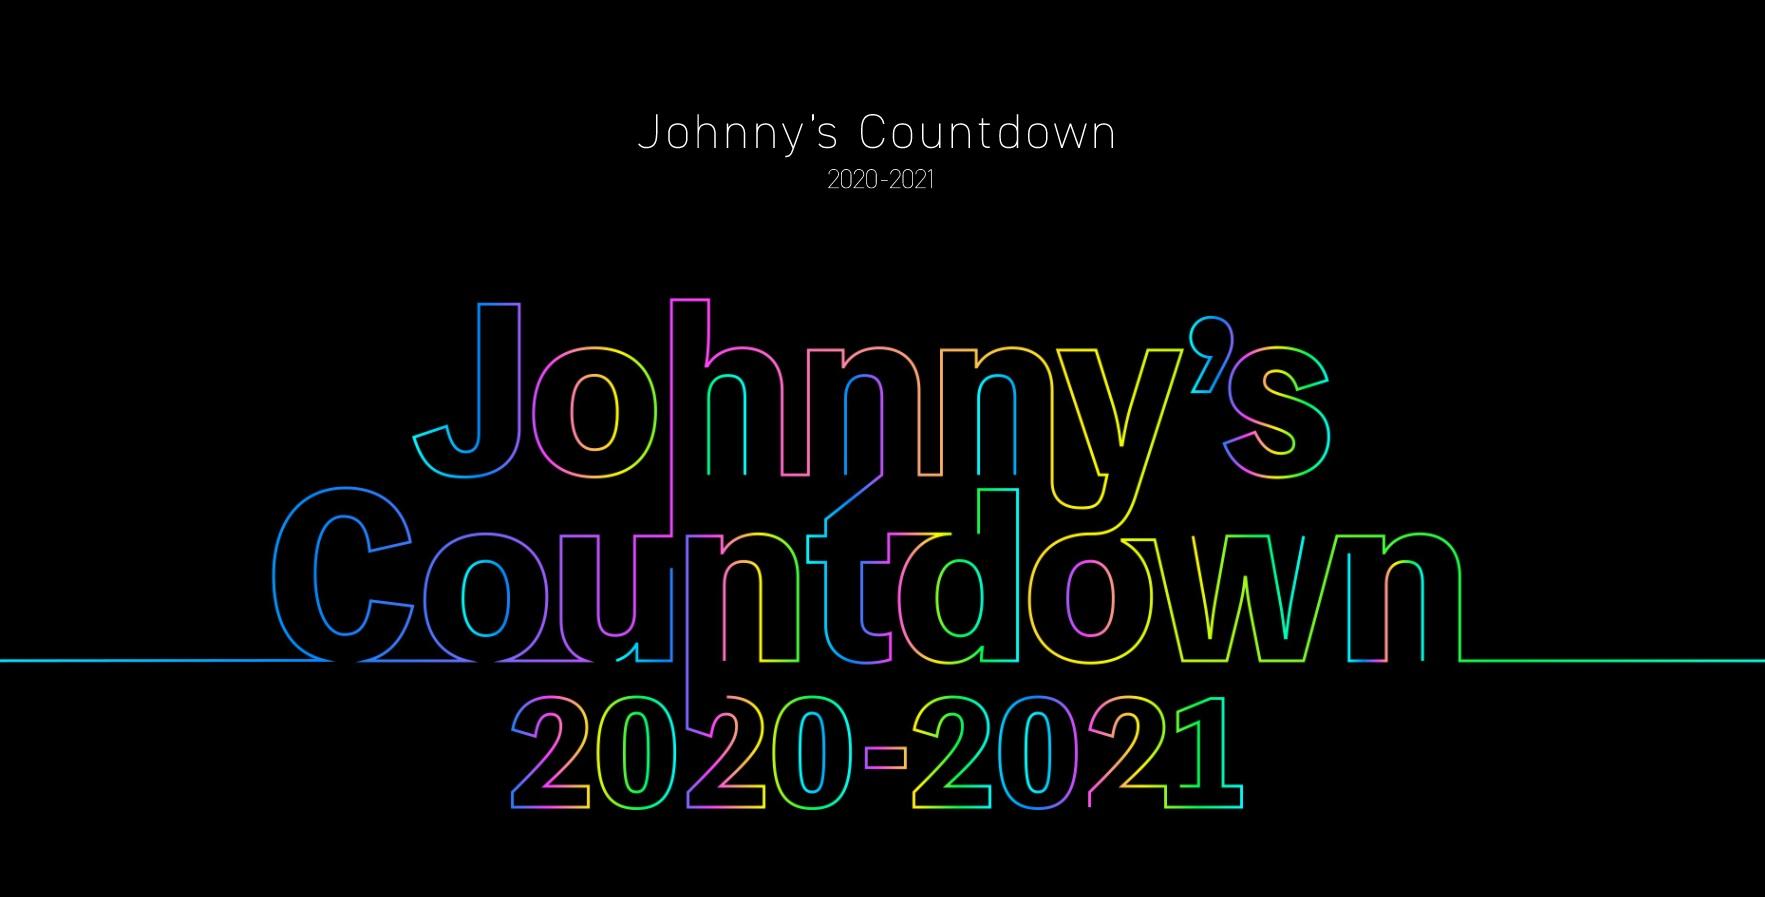 【無料動画】ジャニーズカウントダウン(カウコン)2020-2021の見逃し配信・無料視聴方法!出演者は?